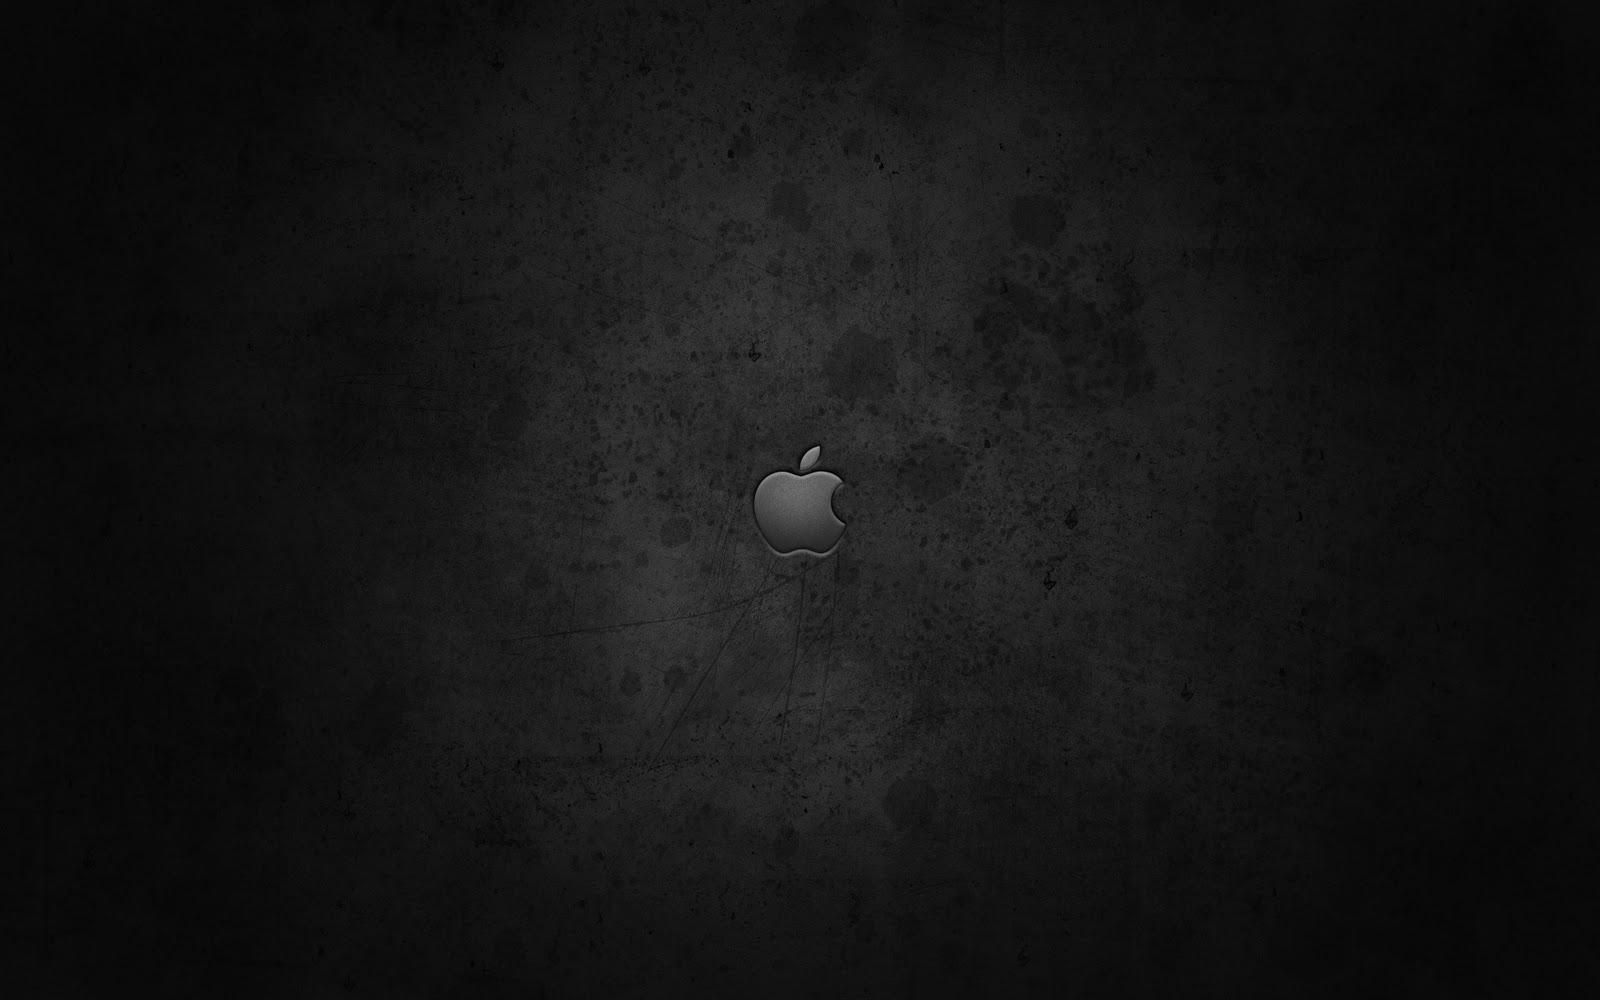 Bonewallpaper - Best desktop HD Wallpapers: Apple Company ...